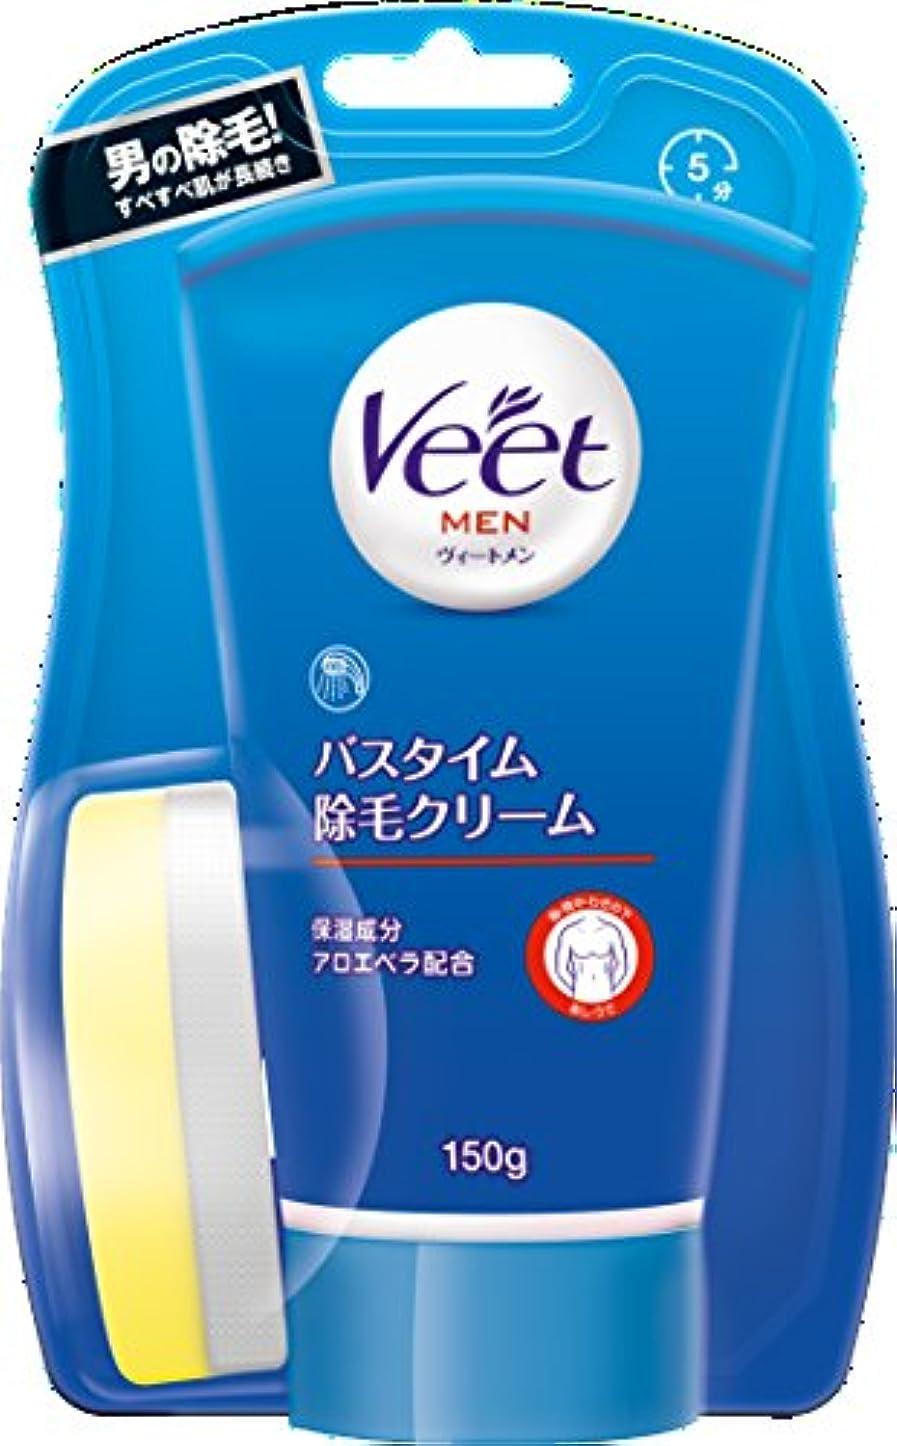 調整する根絶する前置詞ヴィートメン バスタイム 除毛クリーム 敏感肌用 150g【2個セット】